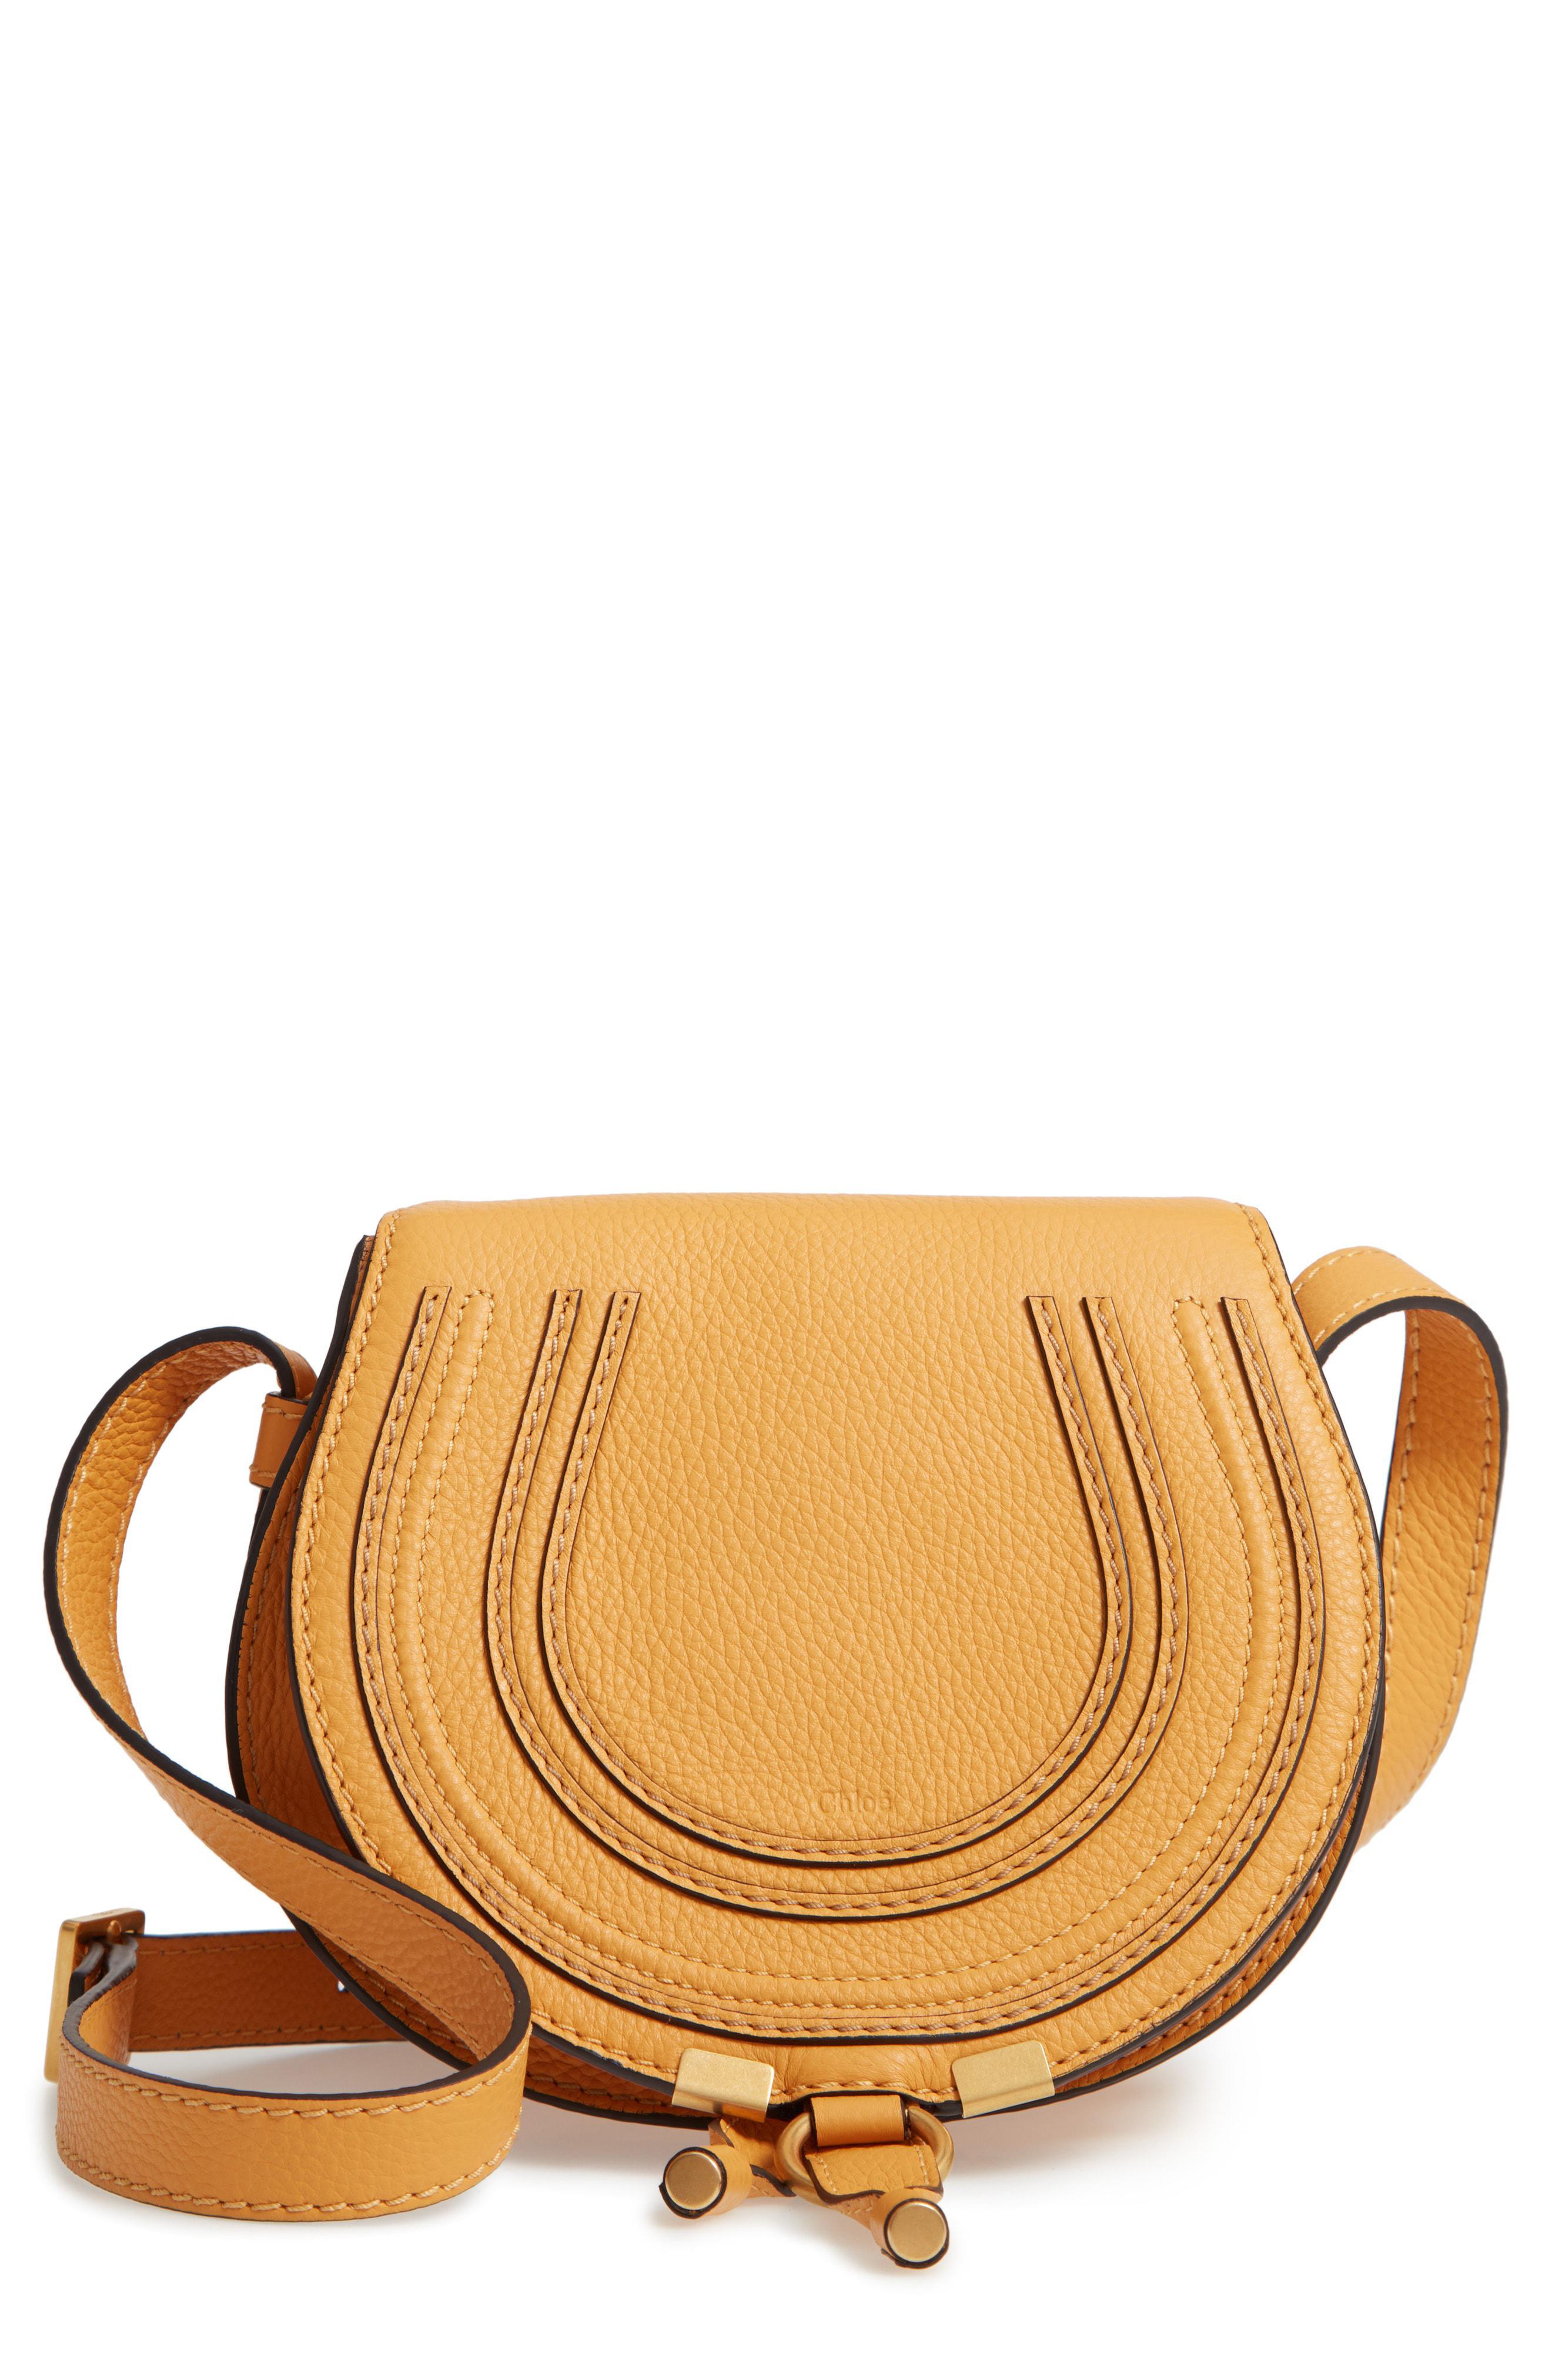 cab4a0bf Lyst - Chloé 'mini Marcie' Leather Crossbody Bag in Gray